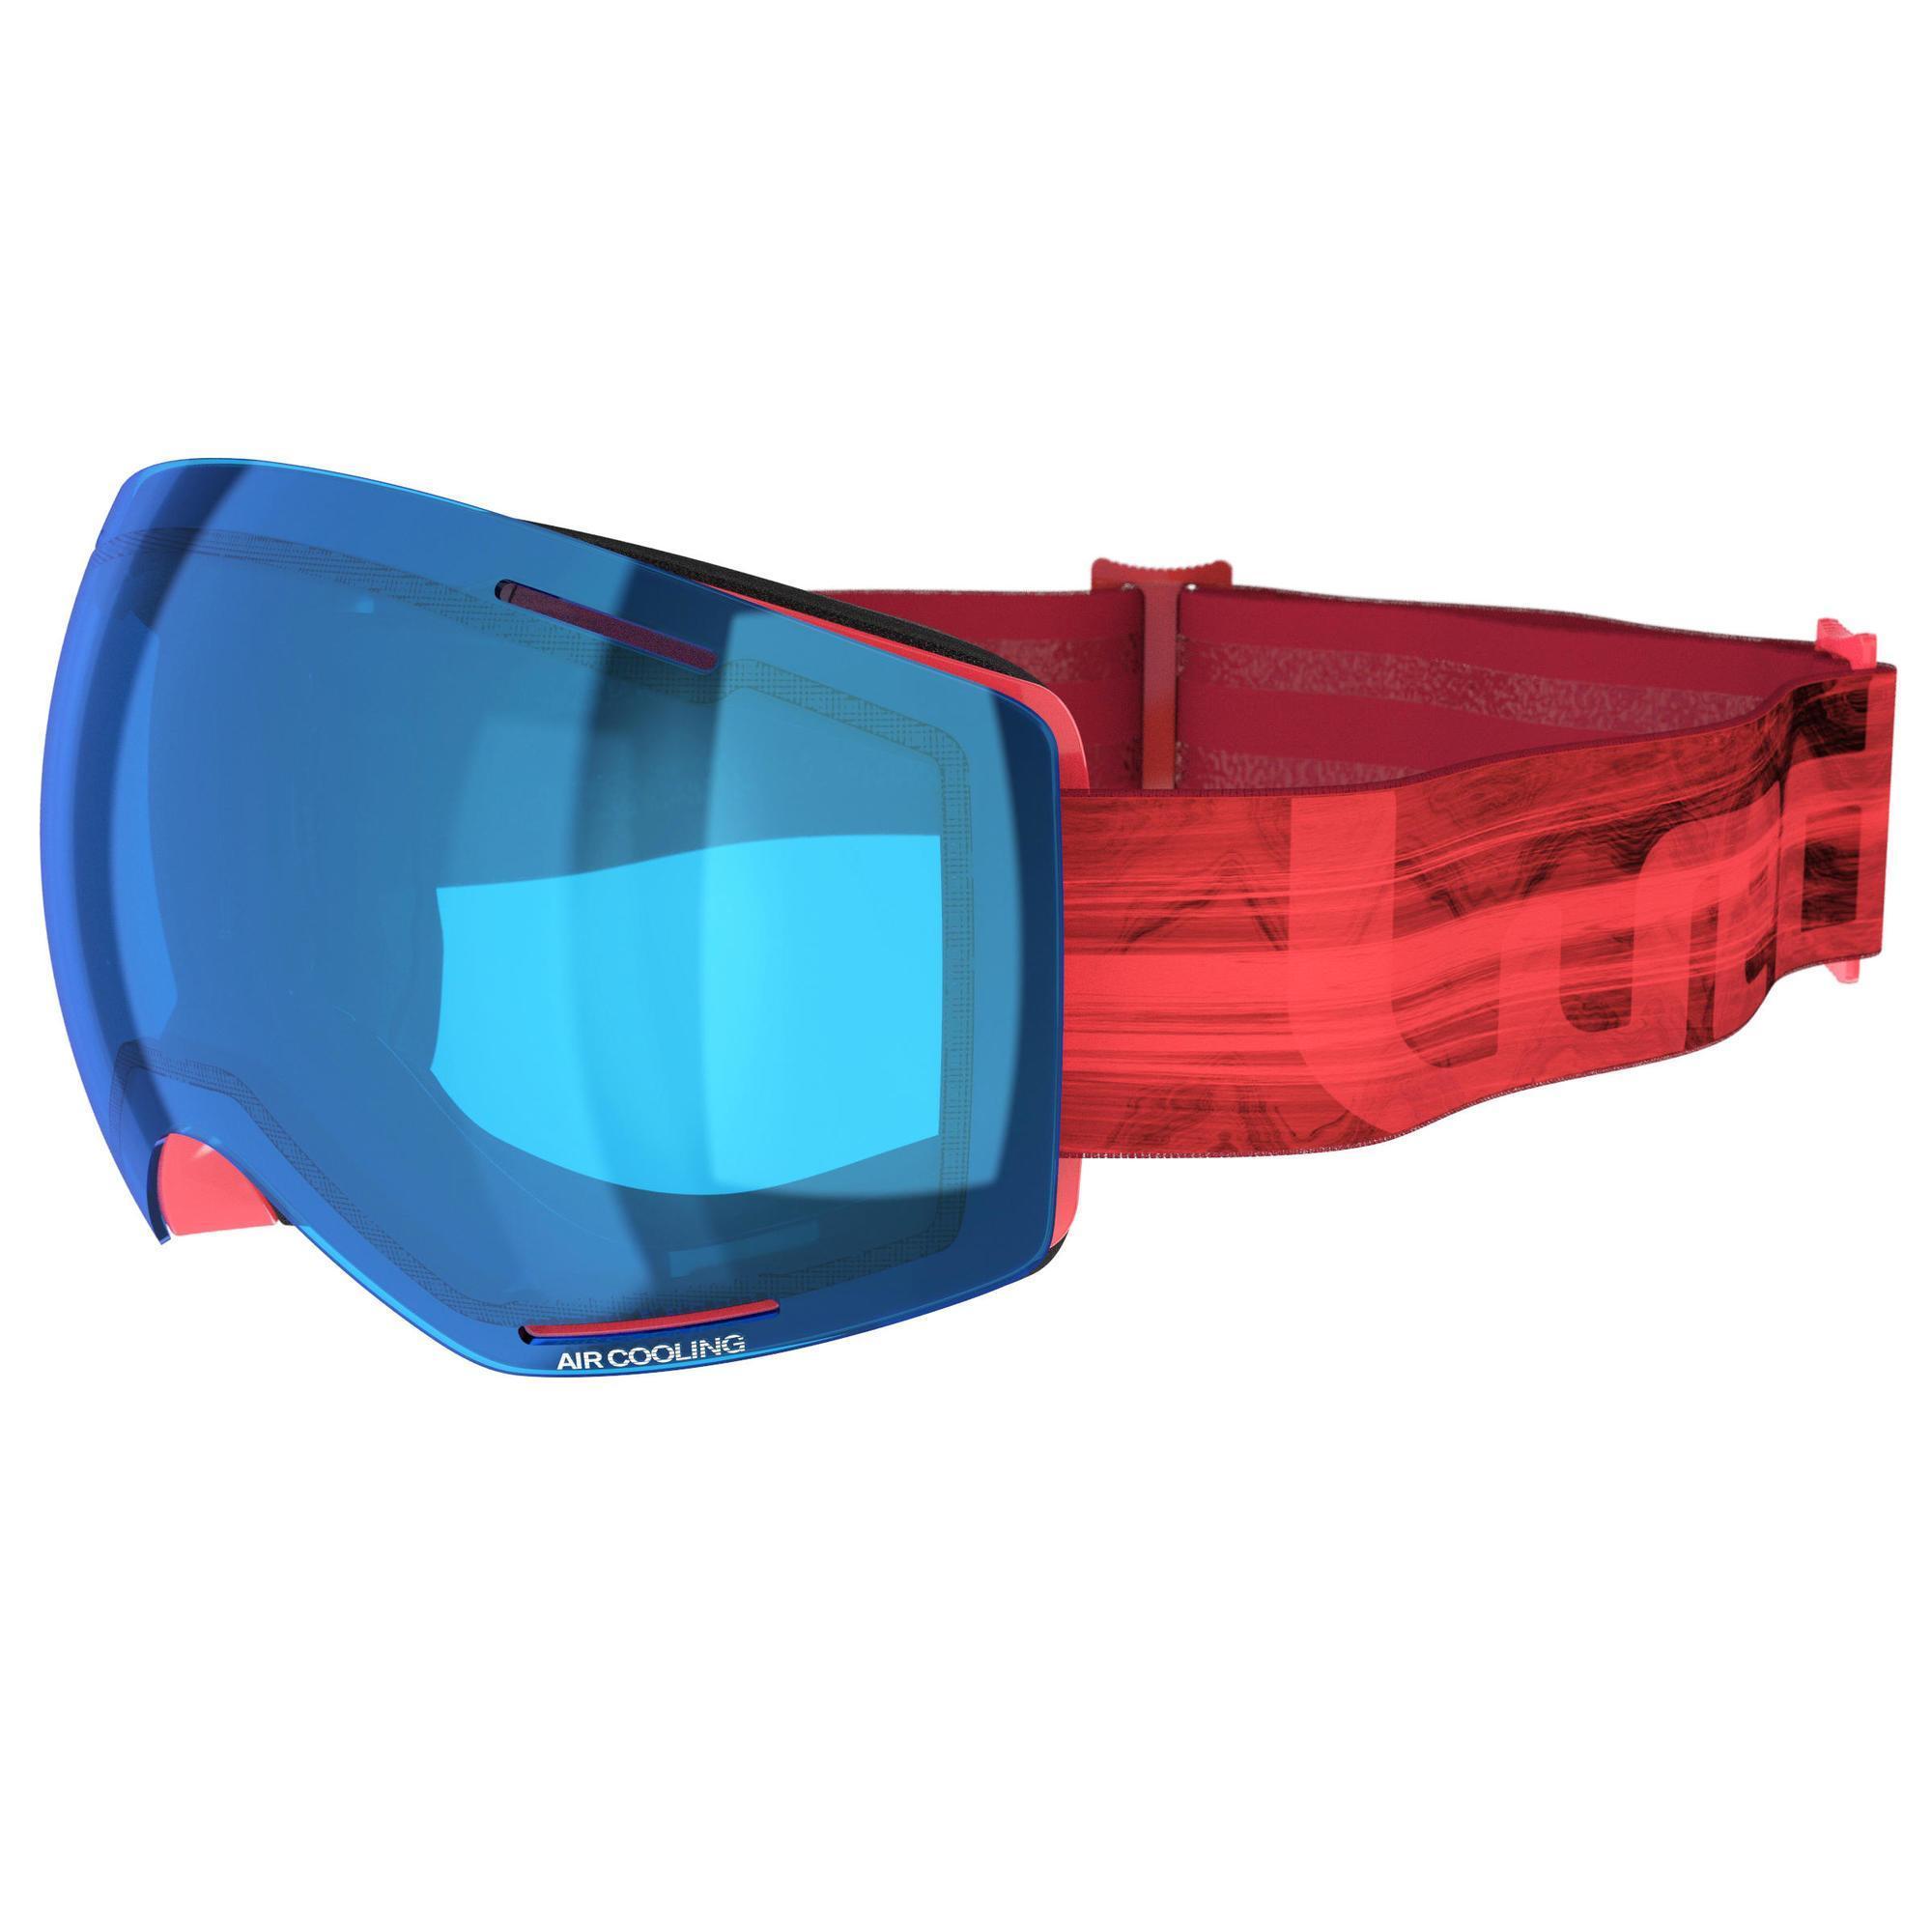 c826a31ddecc51 Wed ze Ski- en snowboardbril volwassenen en kinderen G 520 mooi weer ...